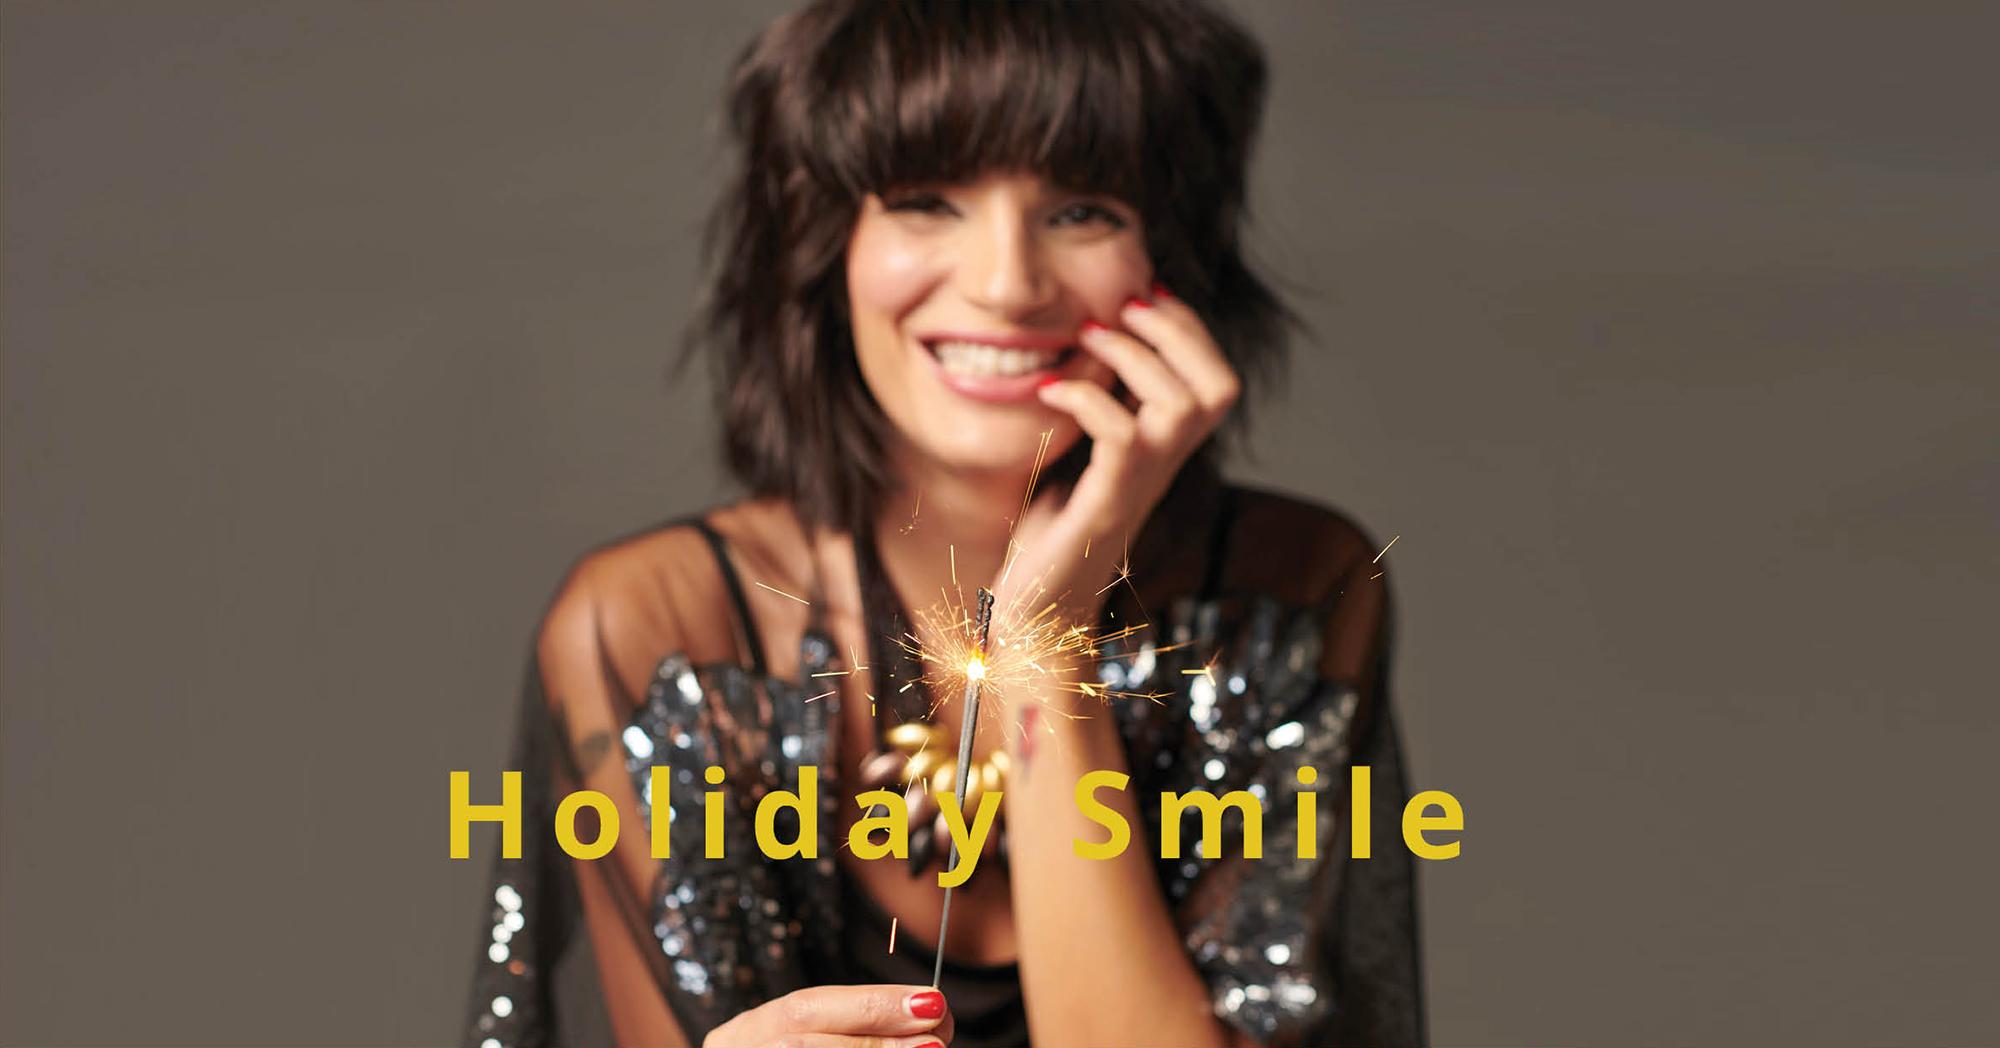 חיוך - האקססורי שלך לחג